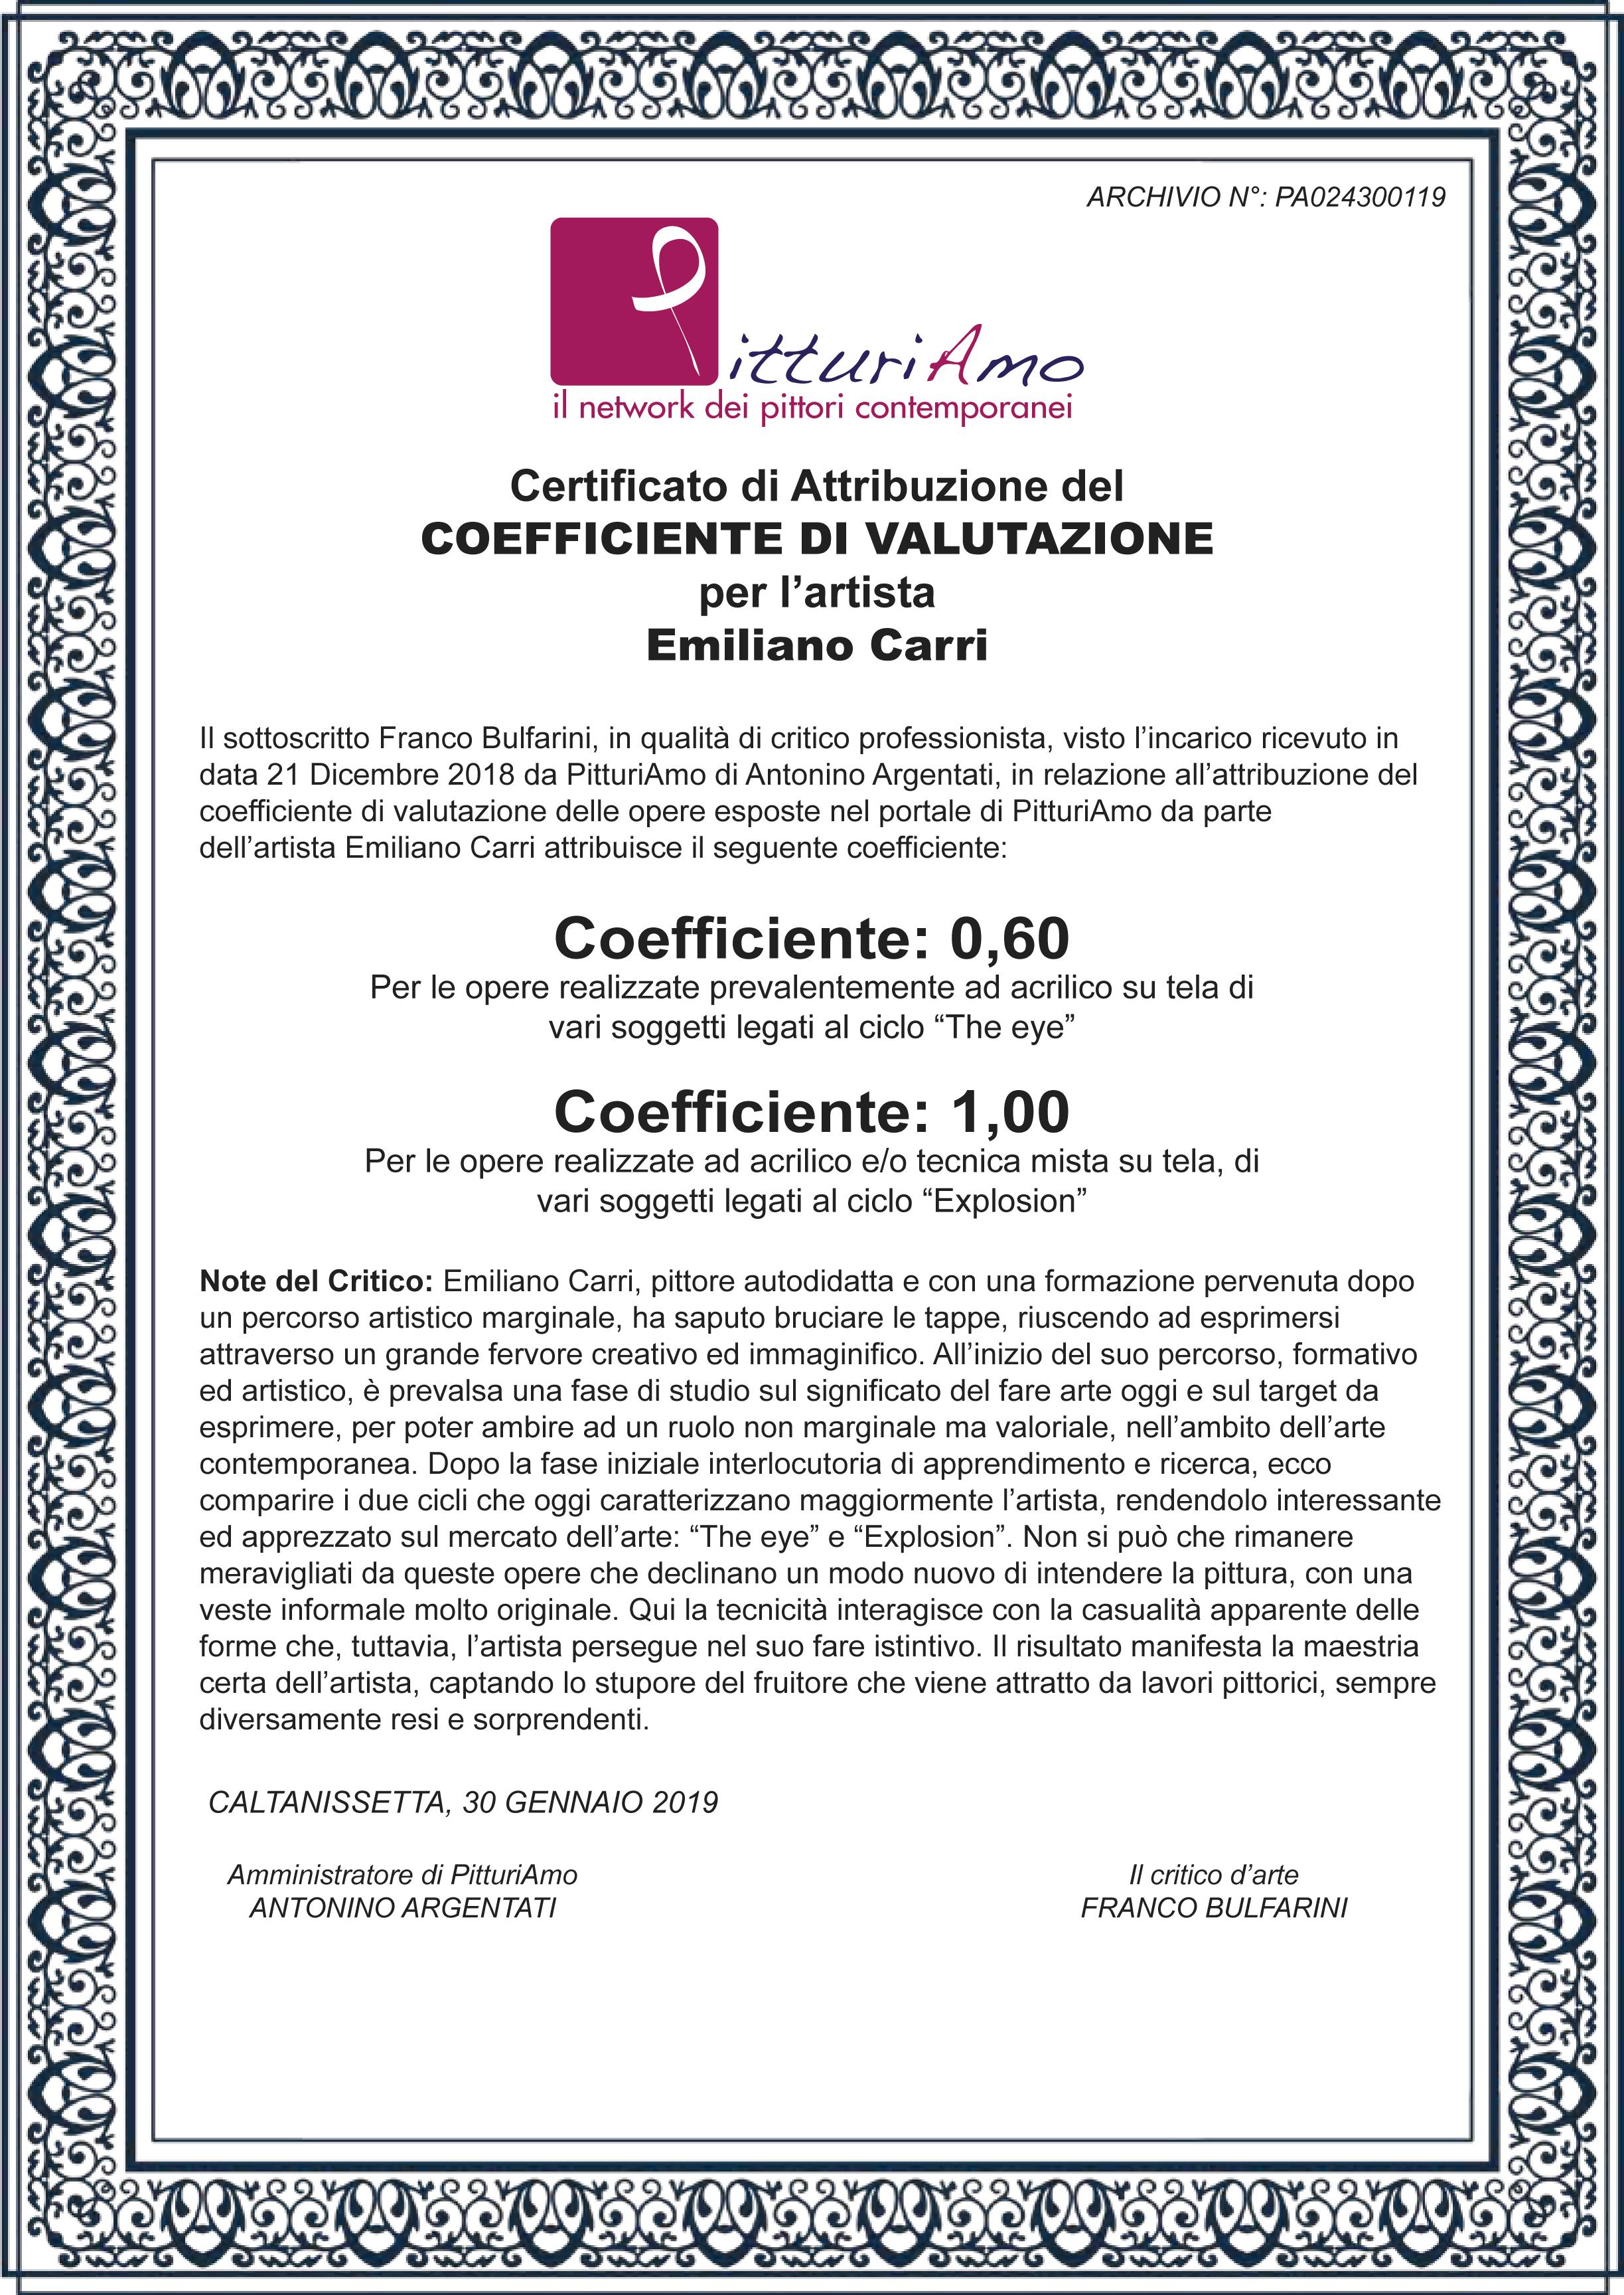 Il coefficiente artistico di Emiliano Carri - Artista e Maestro di PitturiAmo©